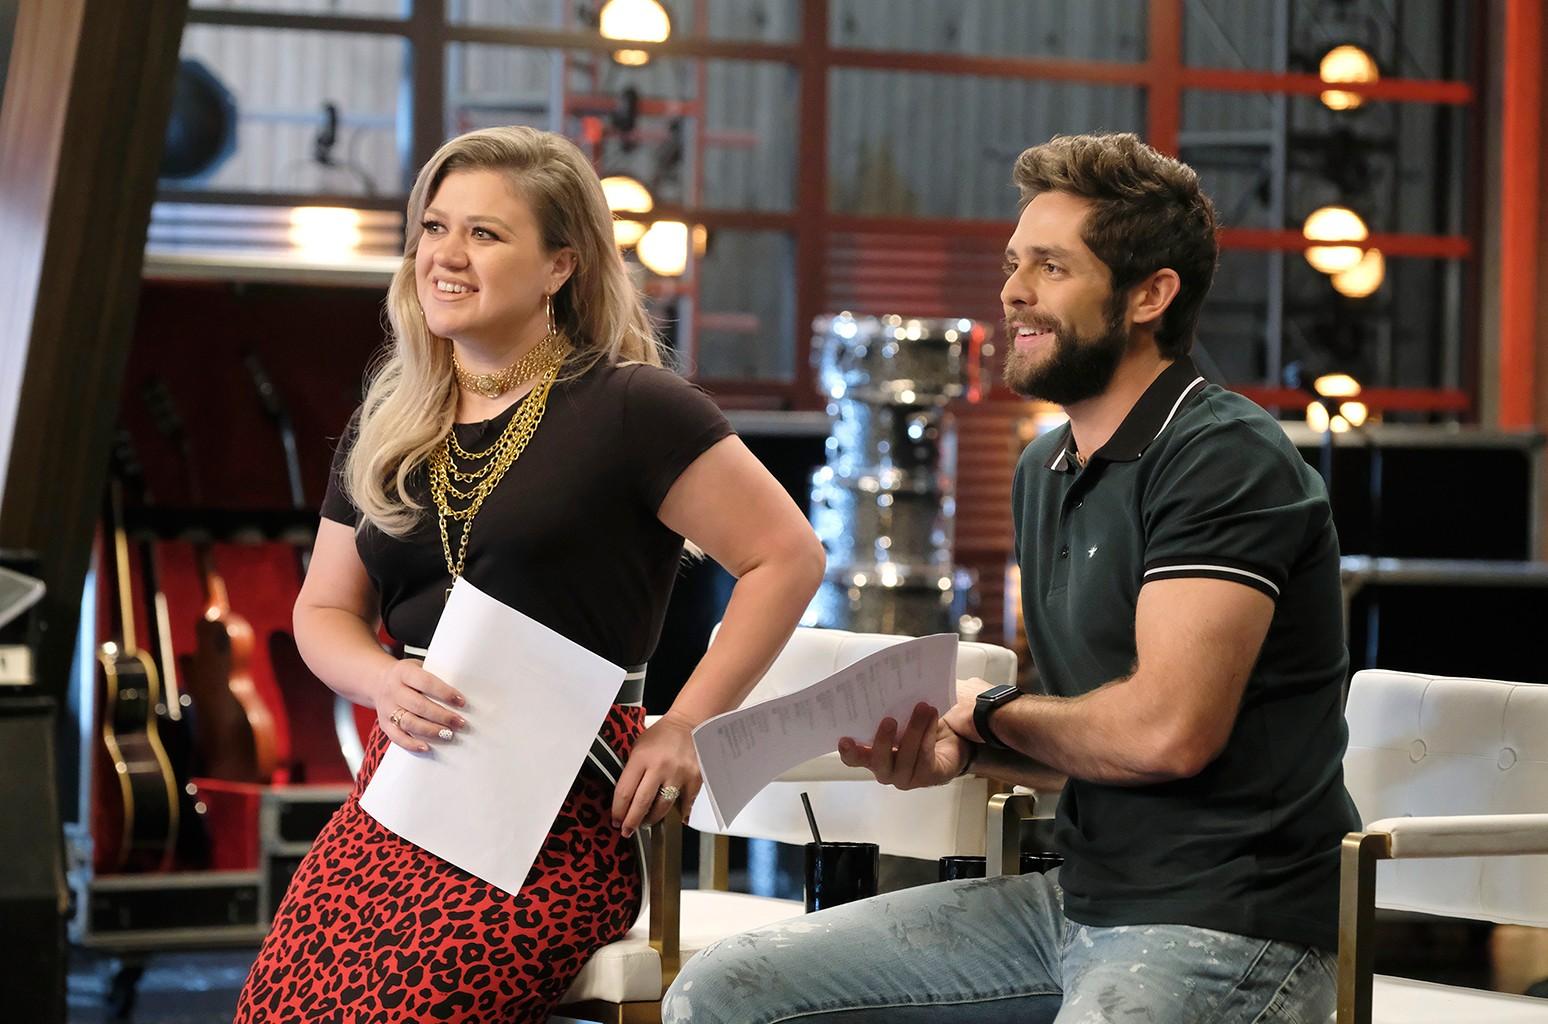 Kelly Clarkson and Thomas Rhett